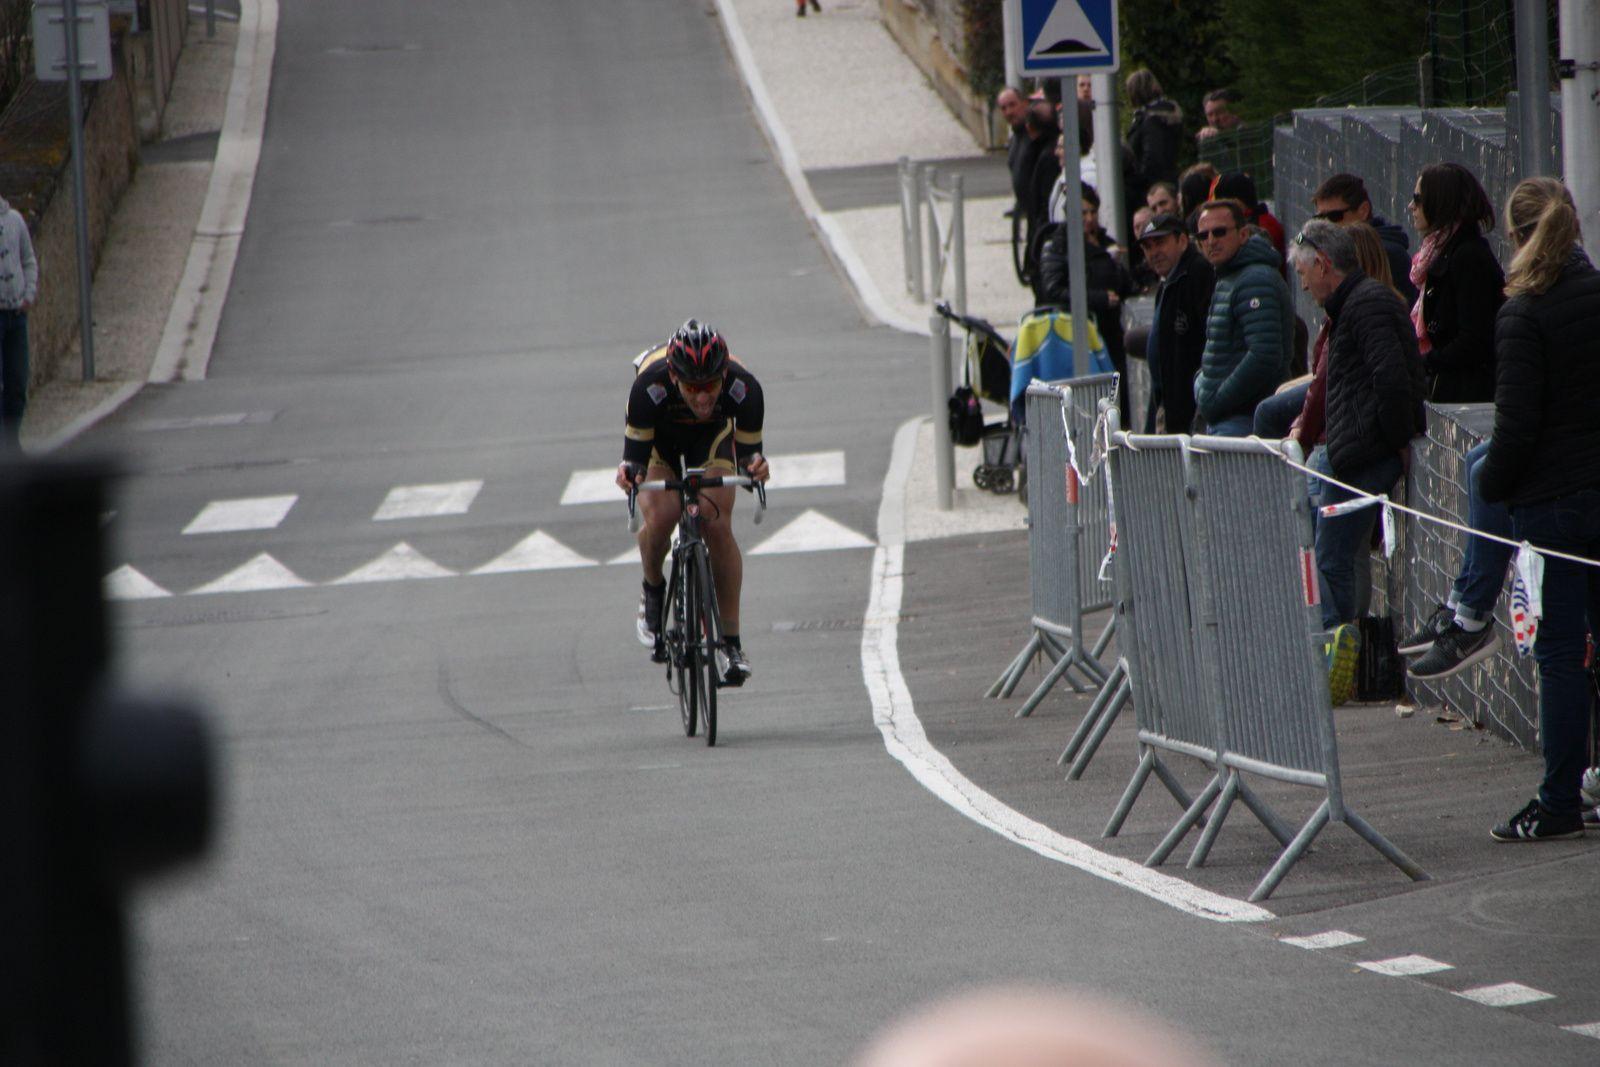 retour  de  Damien  PINOT  en  tête  de  course  à  1  tour  de  l'arrivée